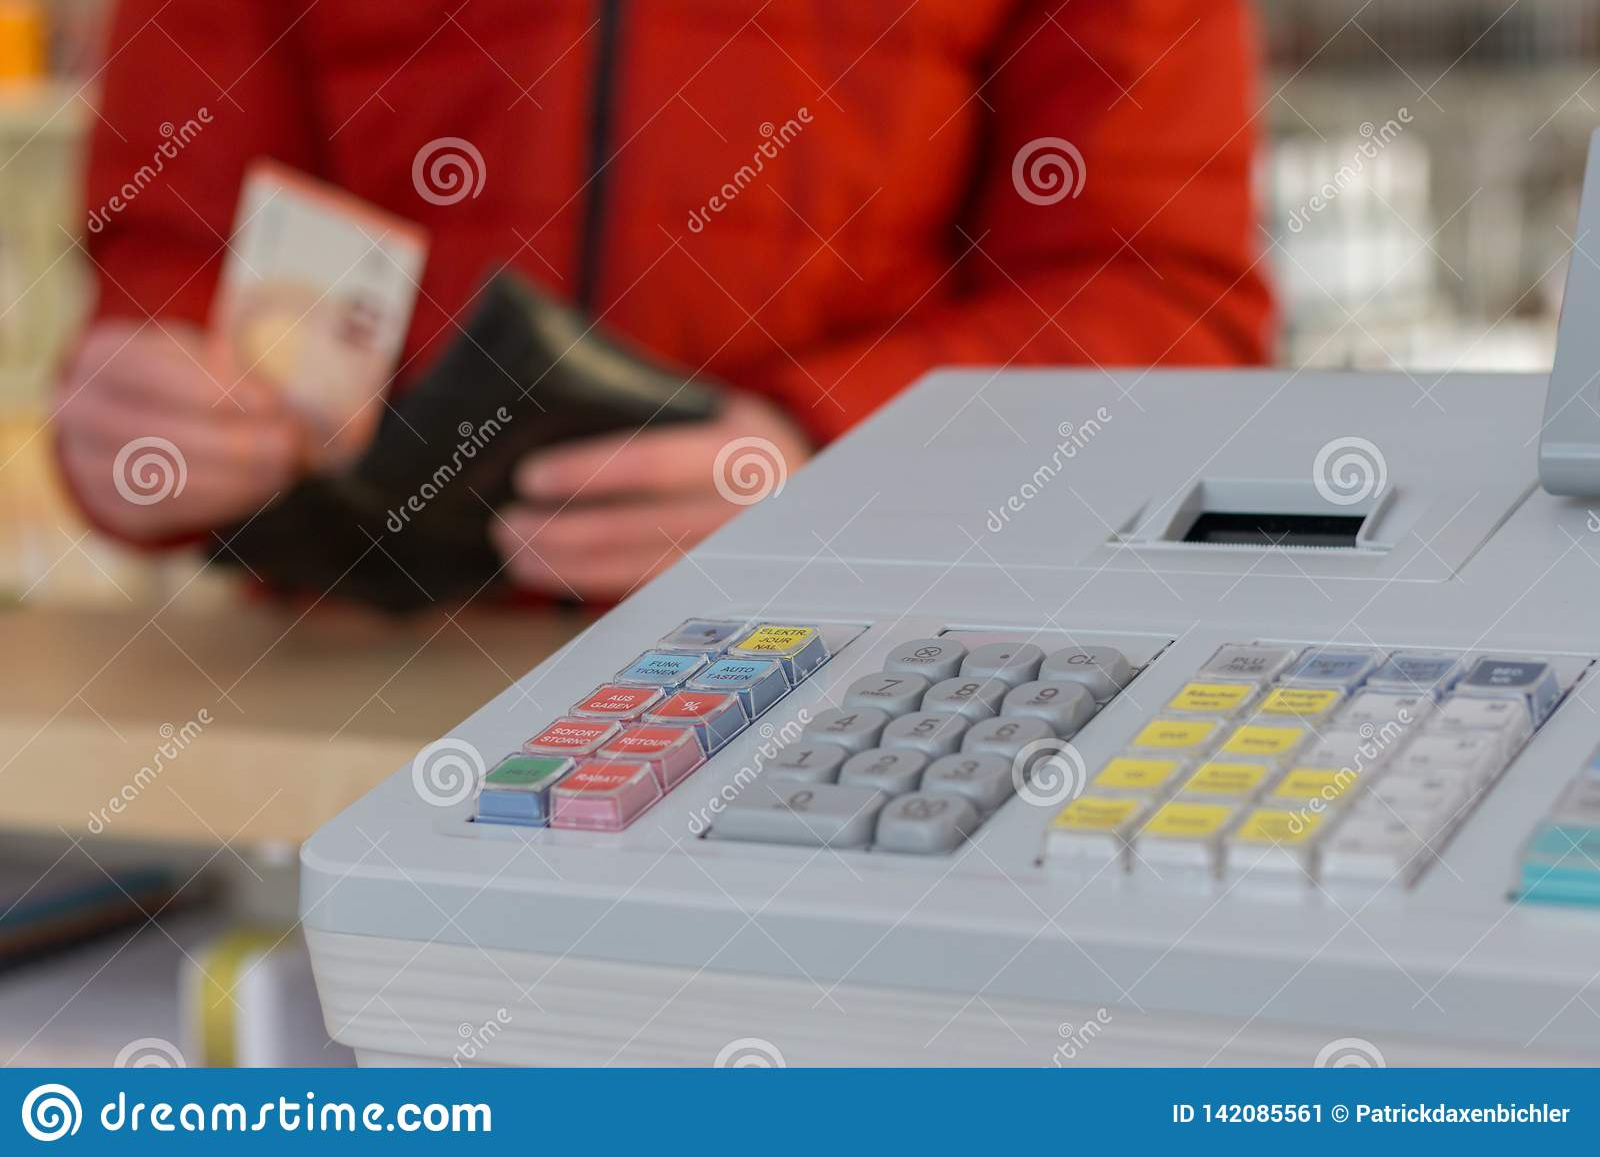 Кассовый аппарат в магазине: Клиент оплачивает